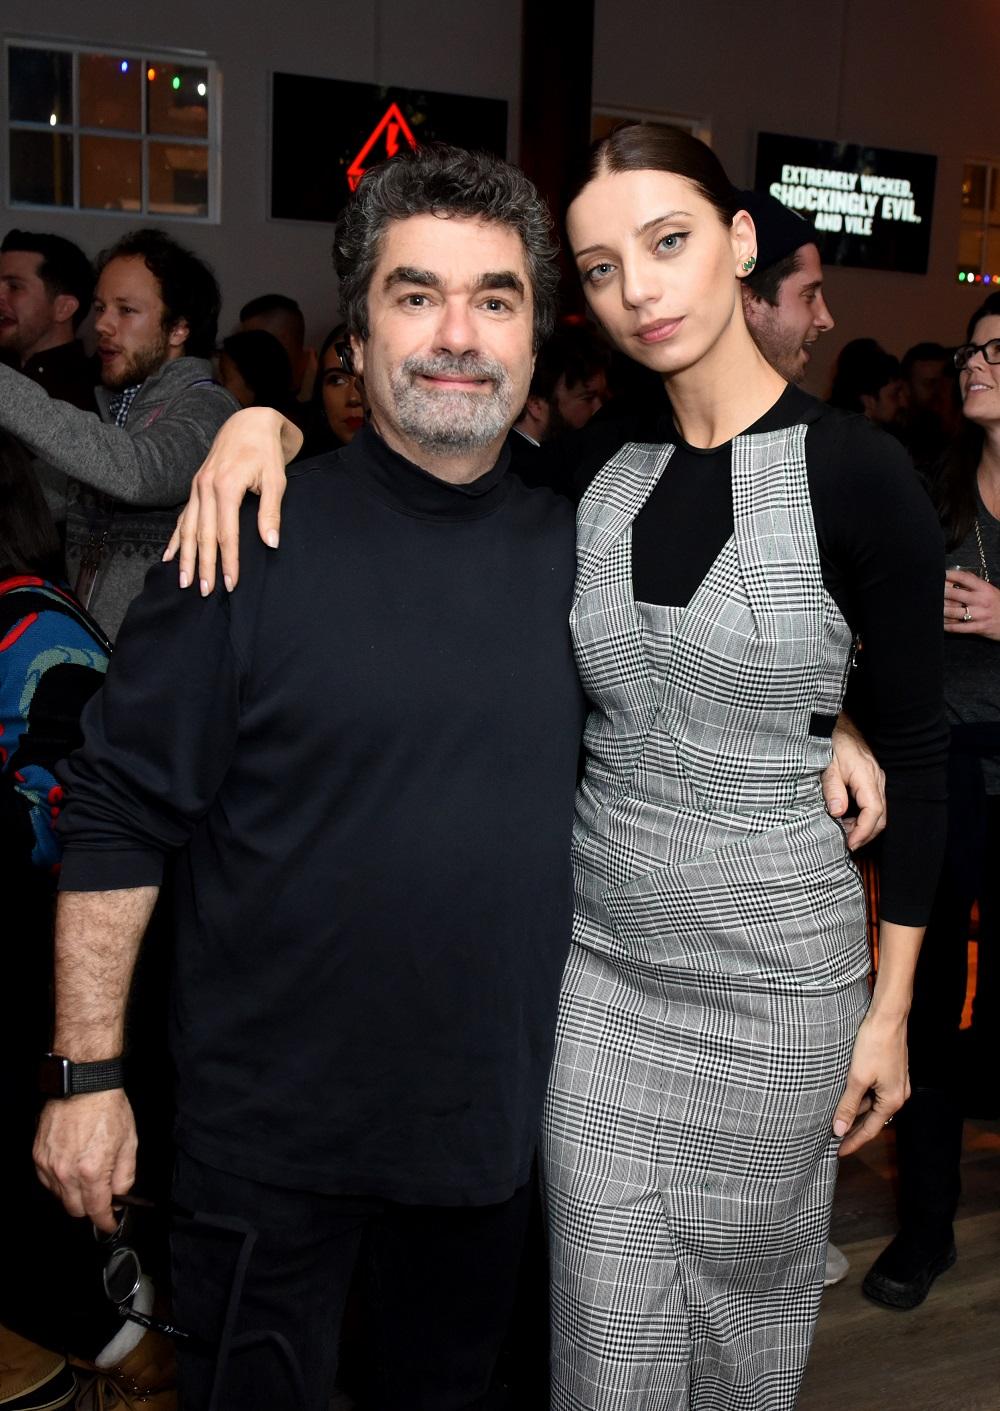 Joe Berlinger (L) and Angela Sarafyan